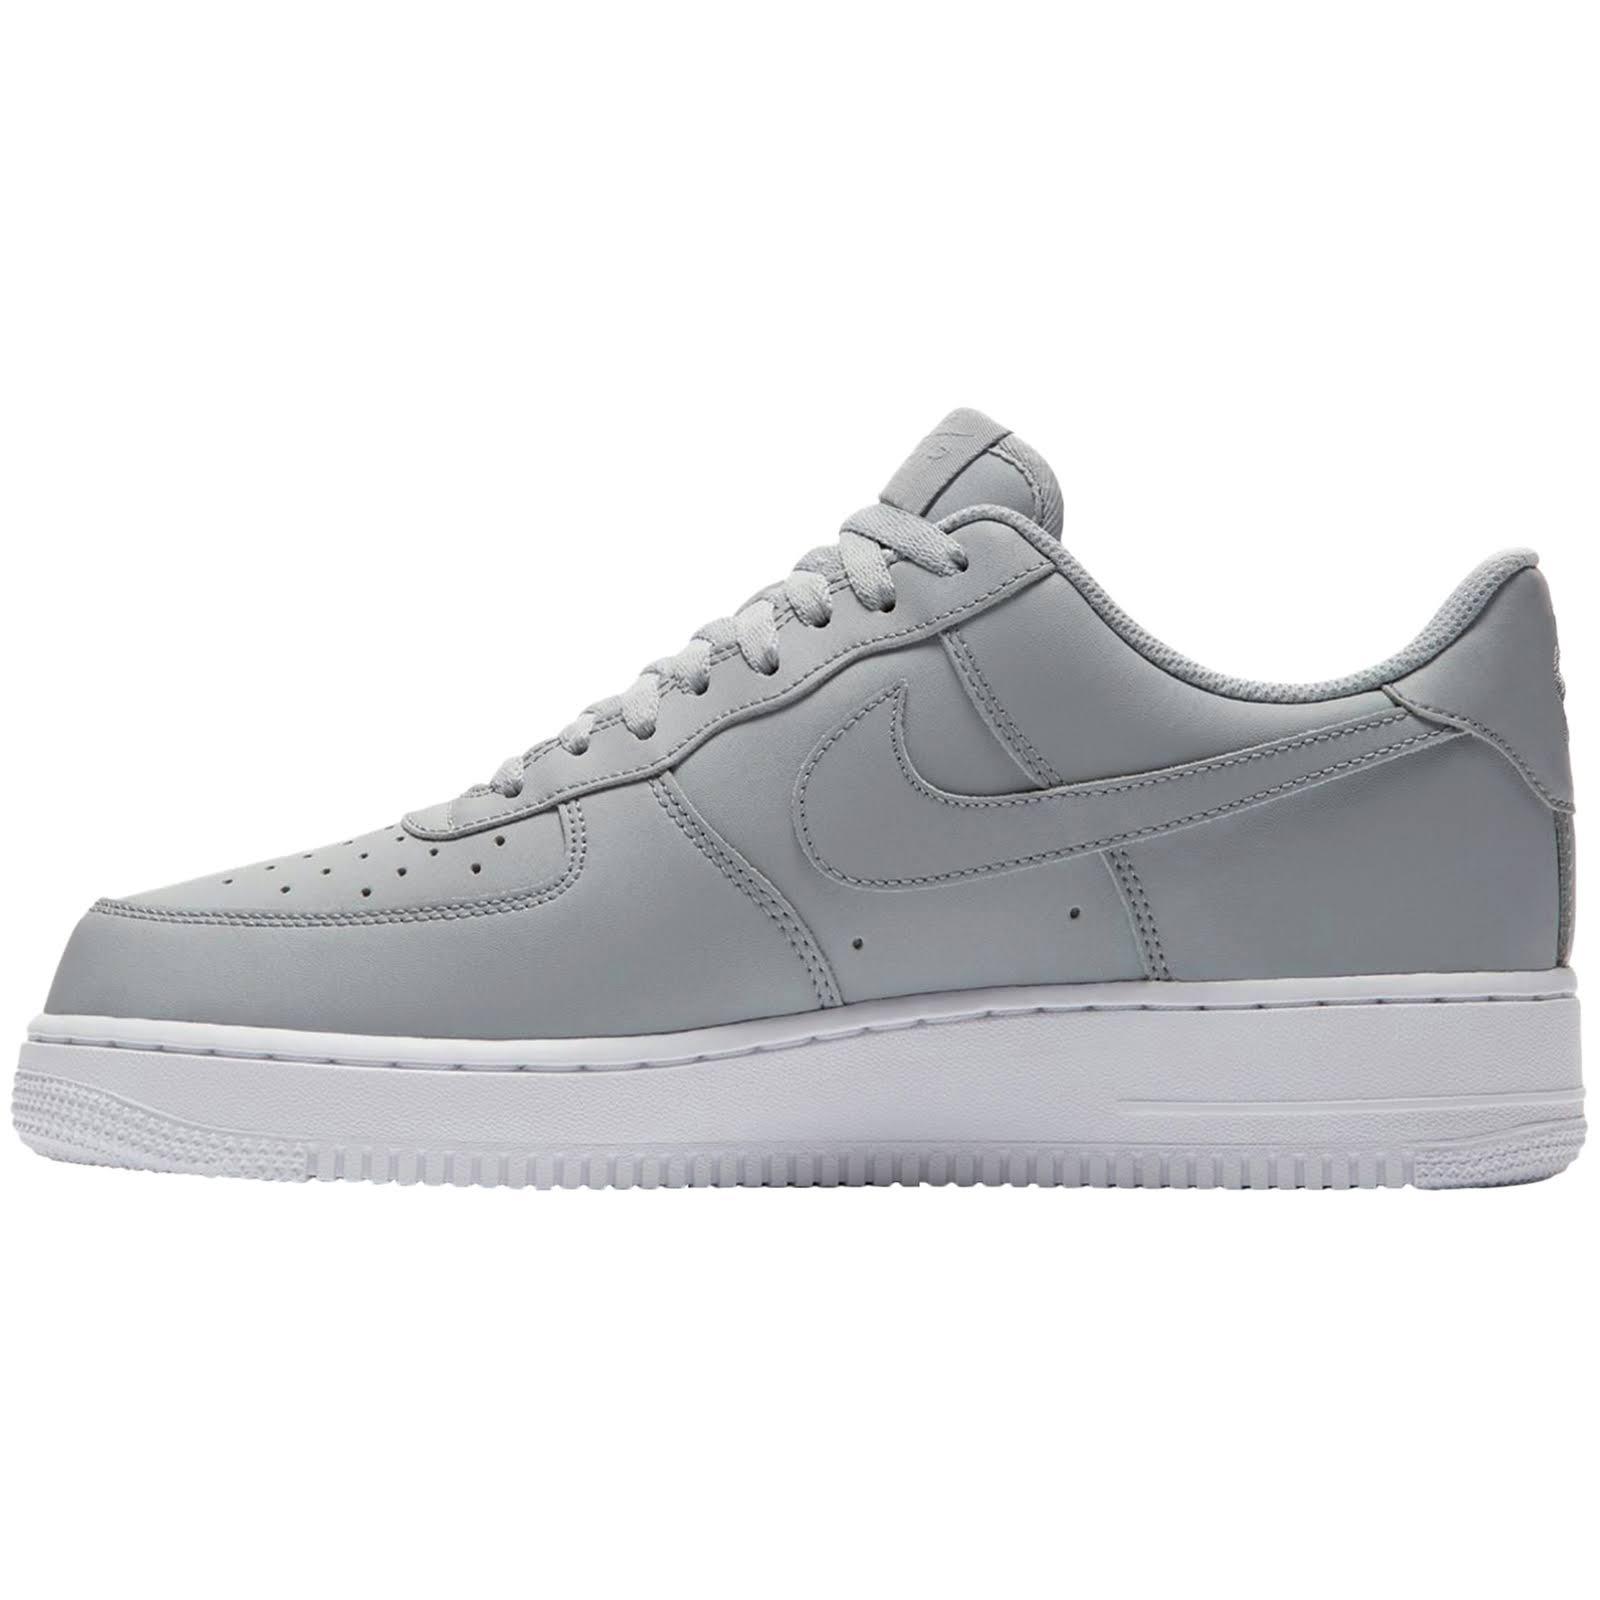 Nike Wolf Air '07 Force 1 Greywhite GreyWhite wOk80nP